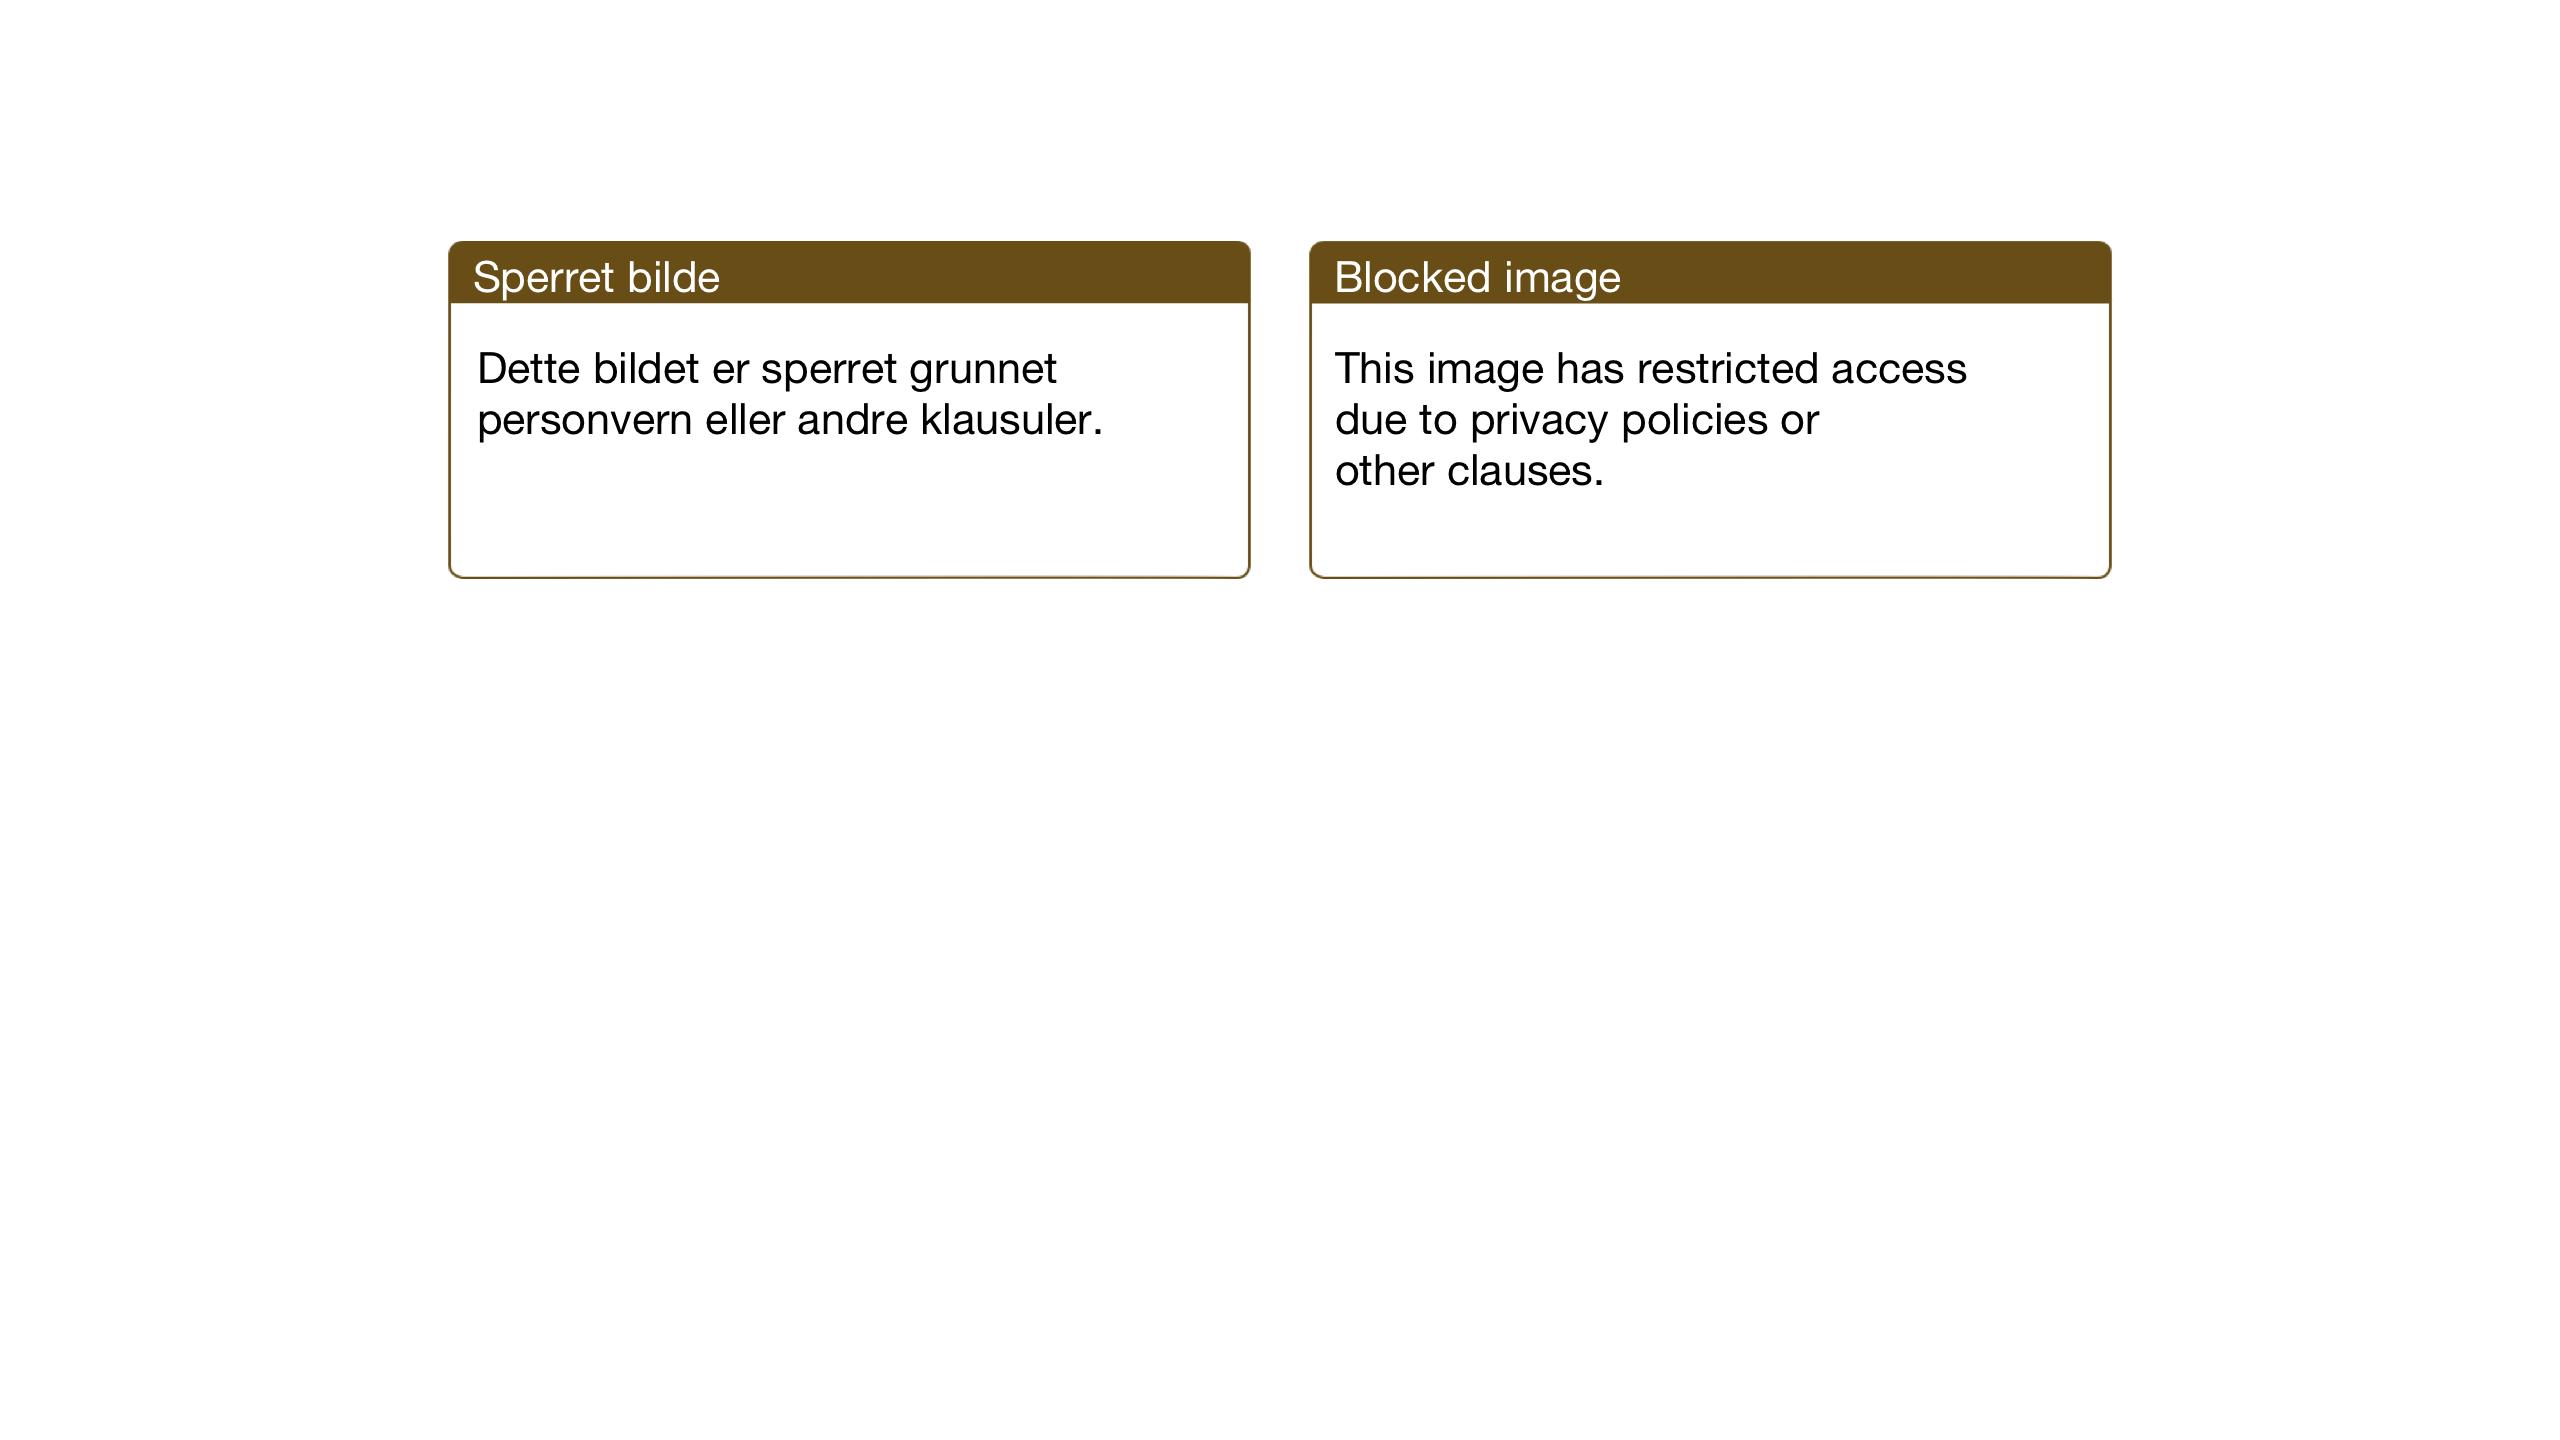 SAT, Ministerialprotokoller, klokkerbøker og fødselsregistre - Sør-Trøndelag, 603/L0177: Klokkerbok nr. 603C05, 1941-1952, s. 257